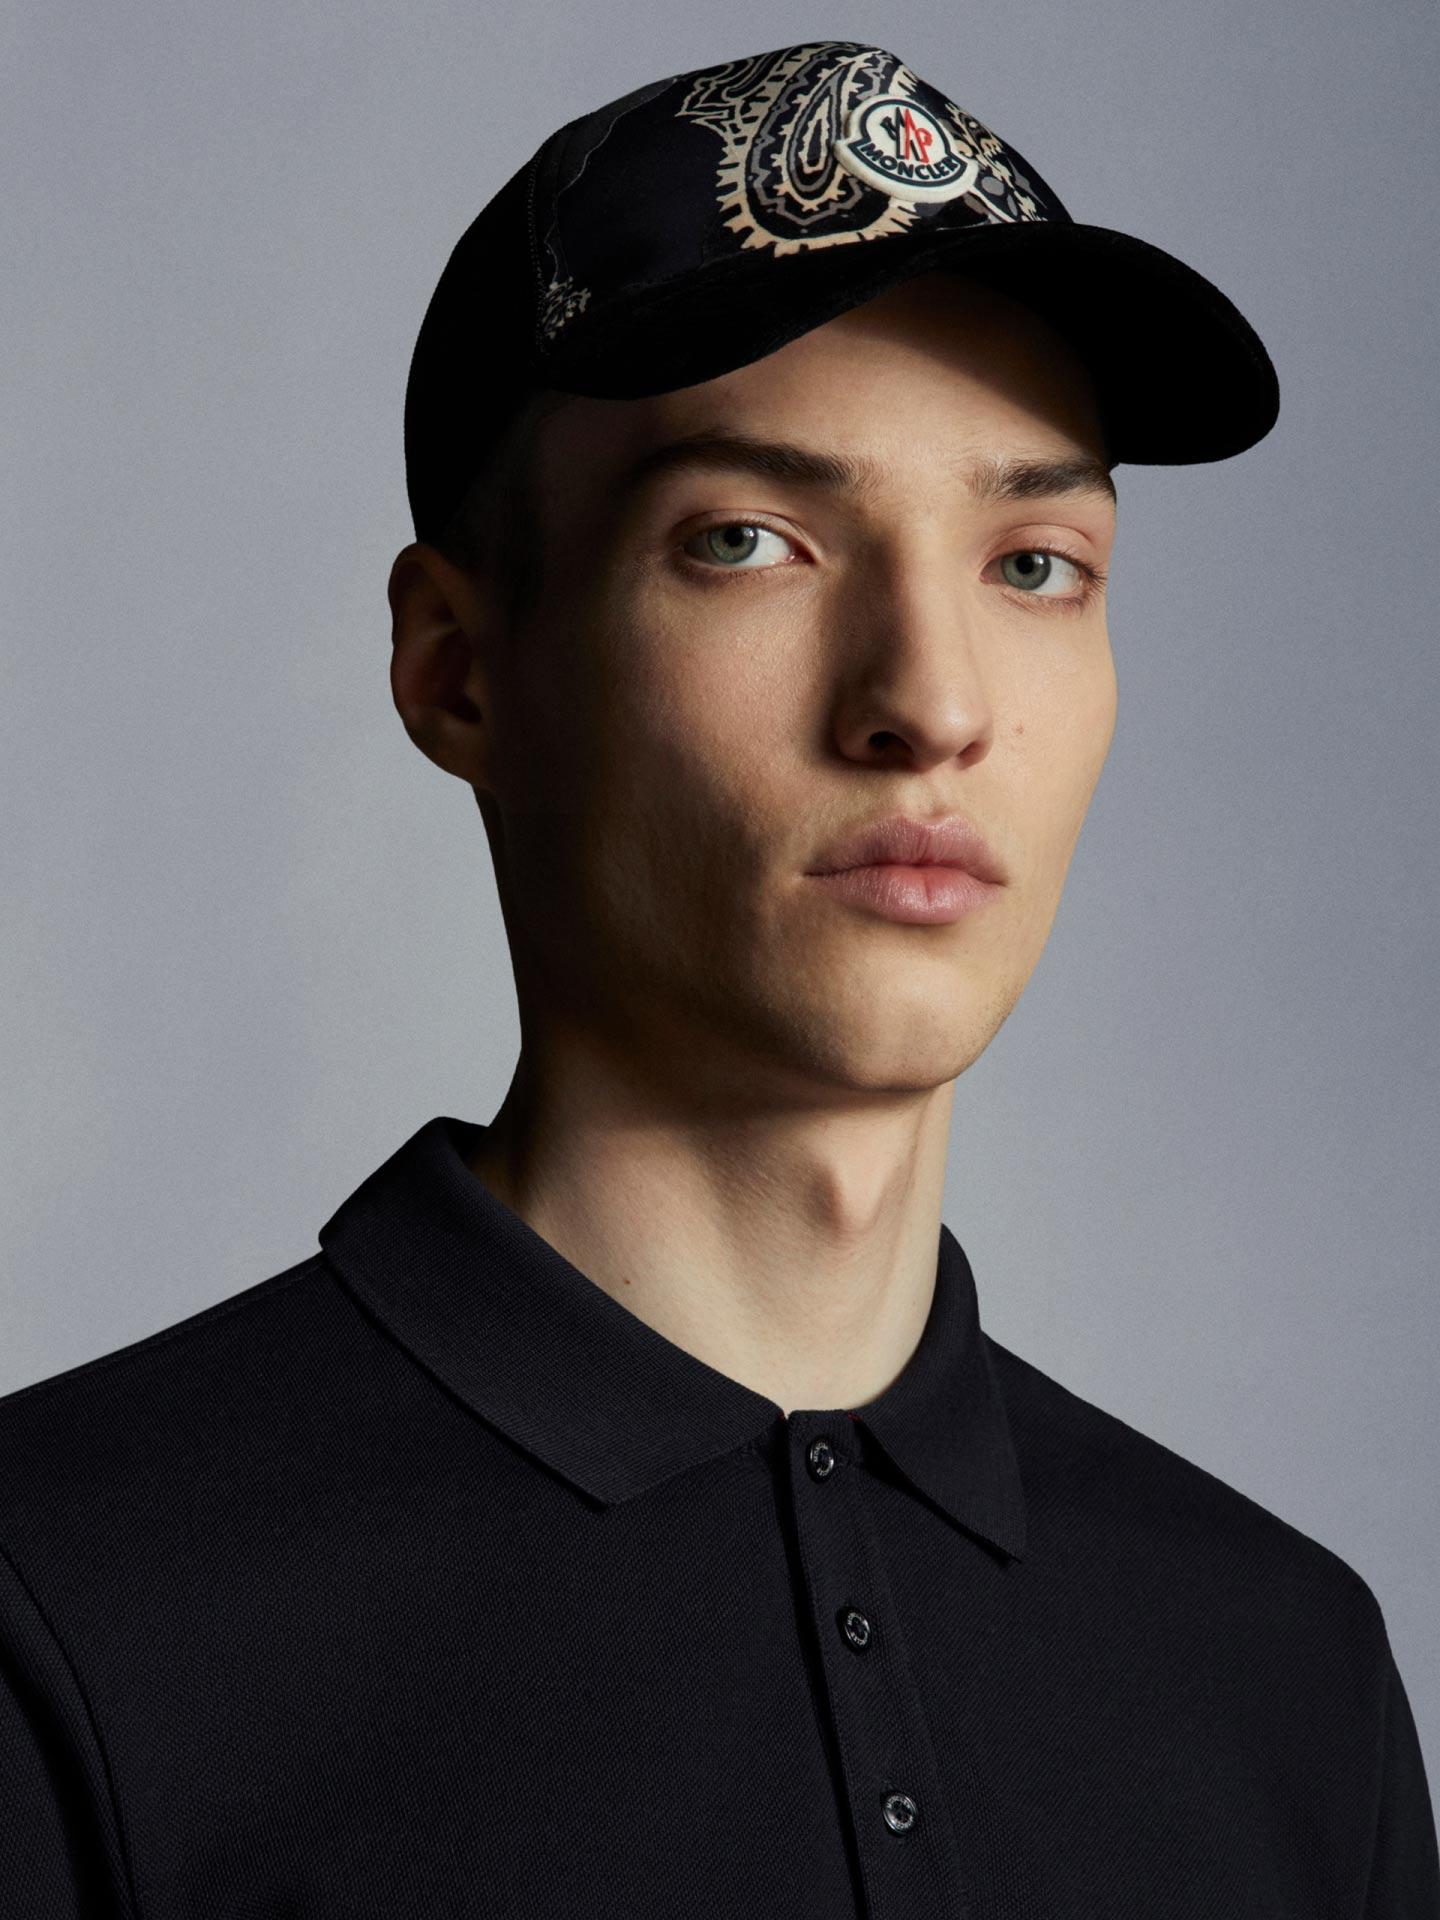 A man wearing a black hat Moncler